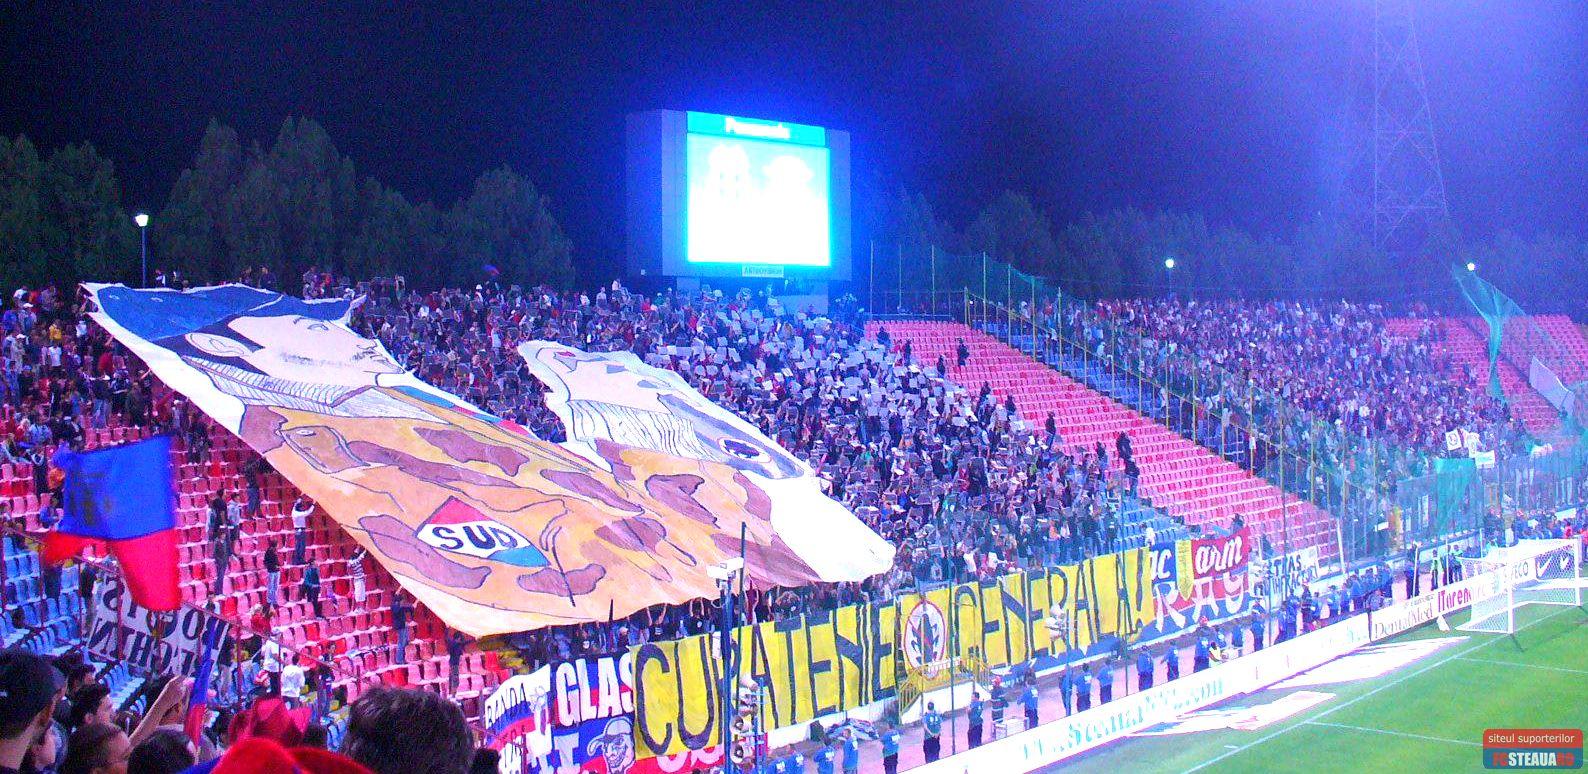 ... poze cu steaua imagini cu echipa de fotbal steaua bucuresti wallpapers